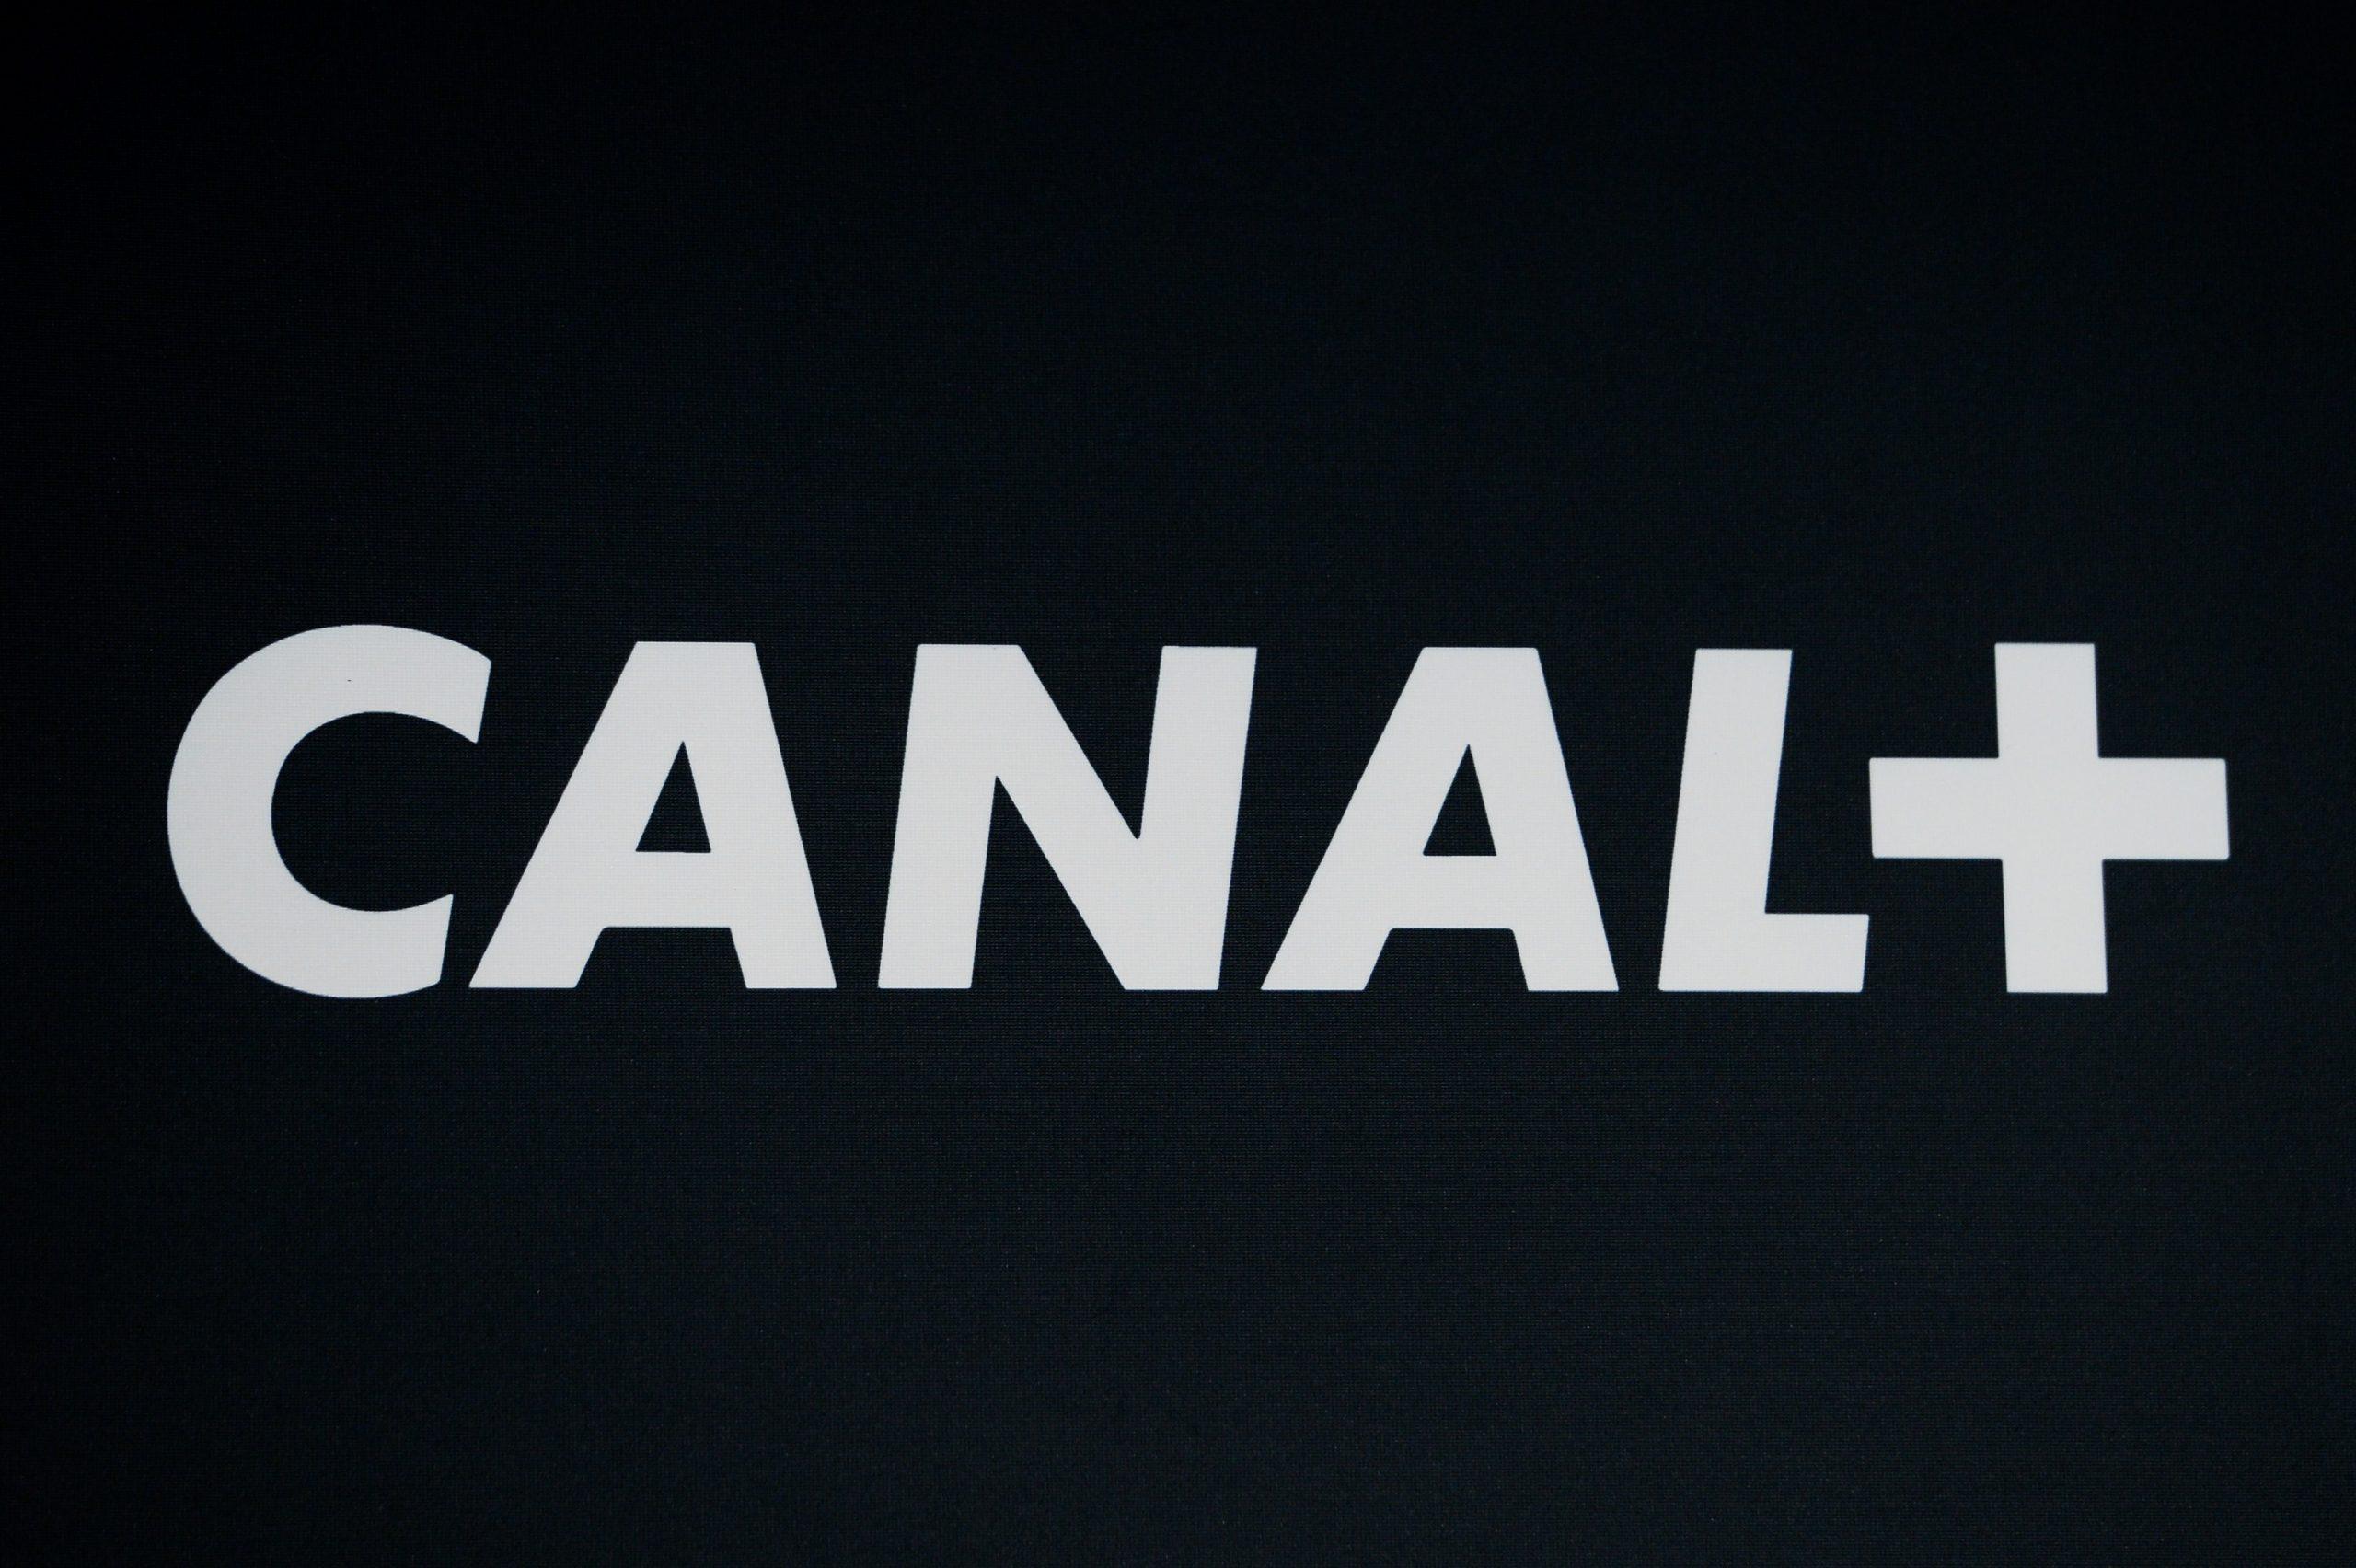 """Canal+ justifie son refus de payer pour le moment """"On applique le contrat"""""""